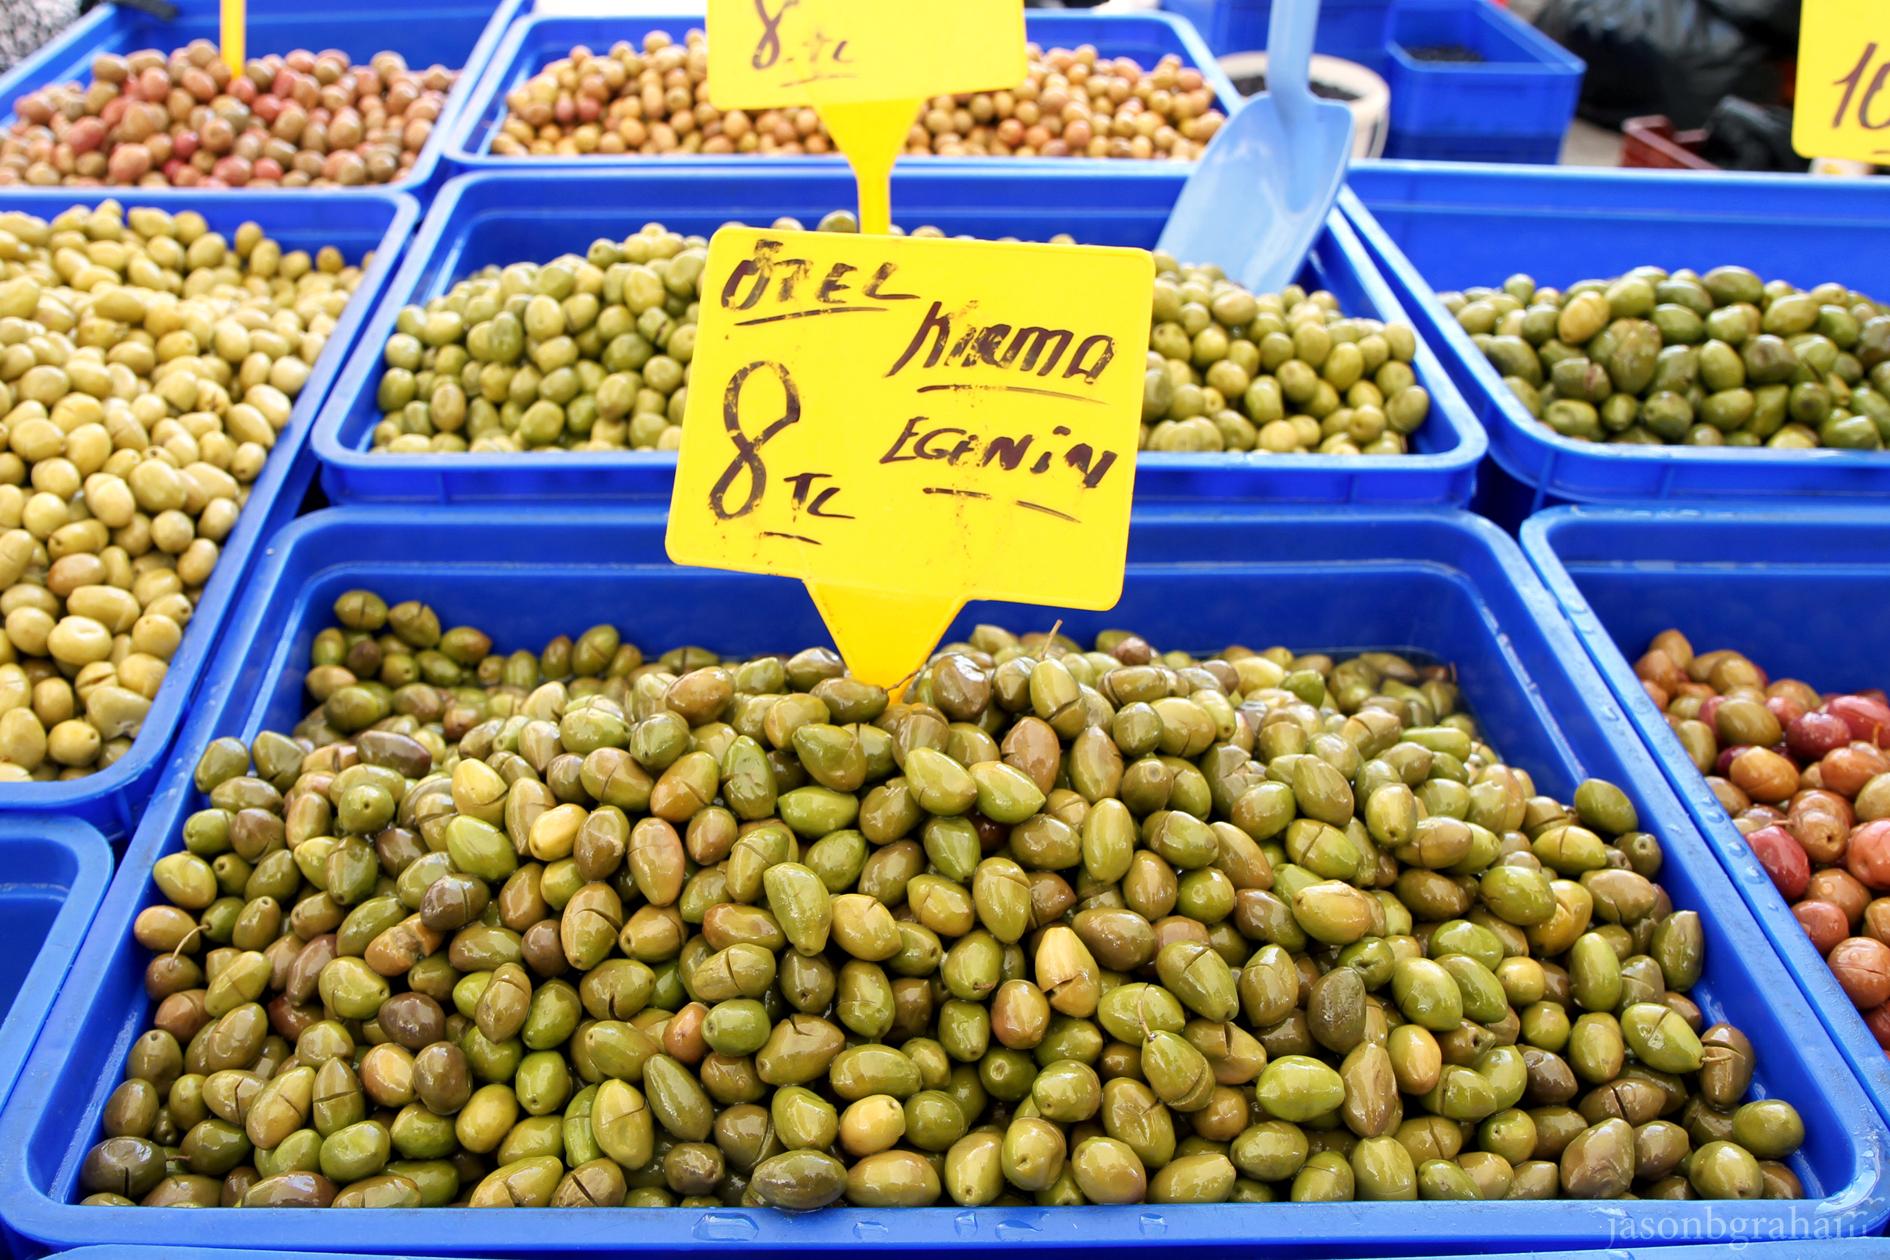 olives-3731